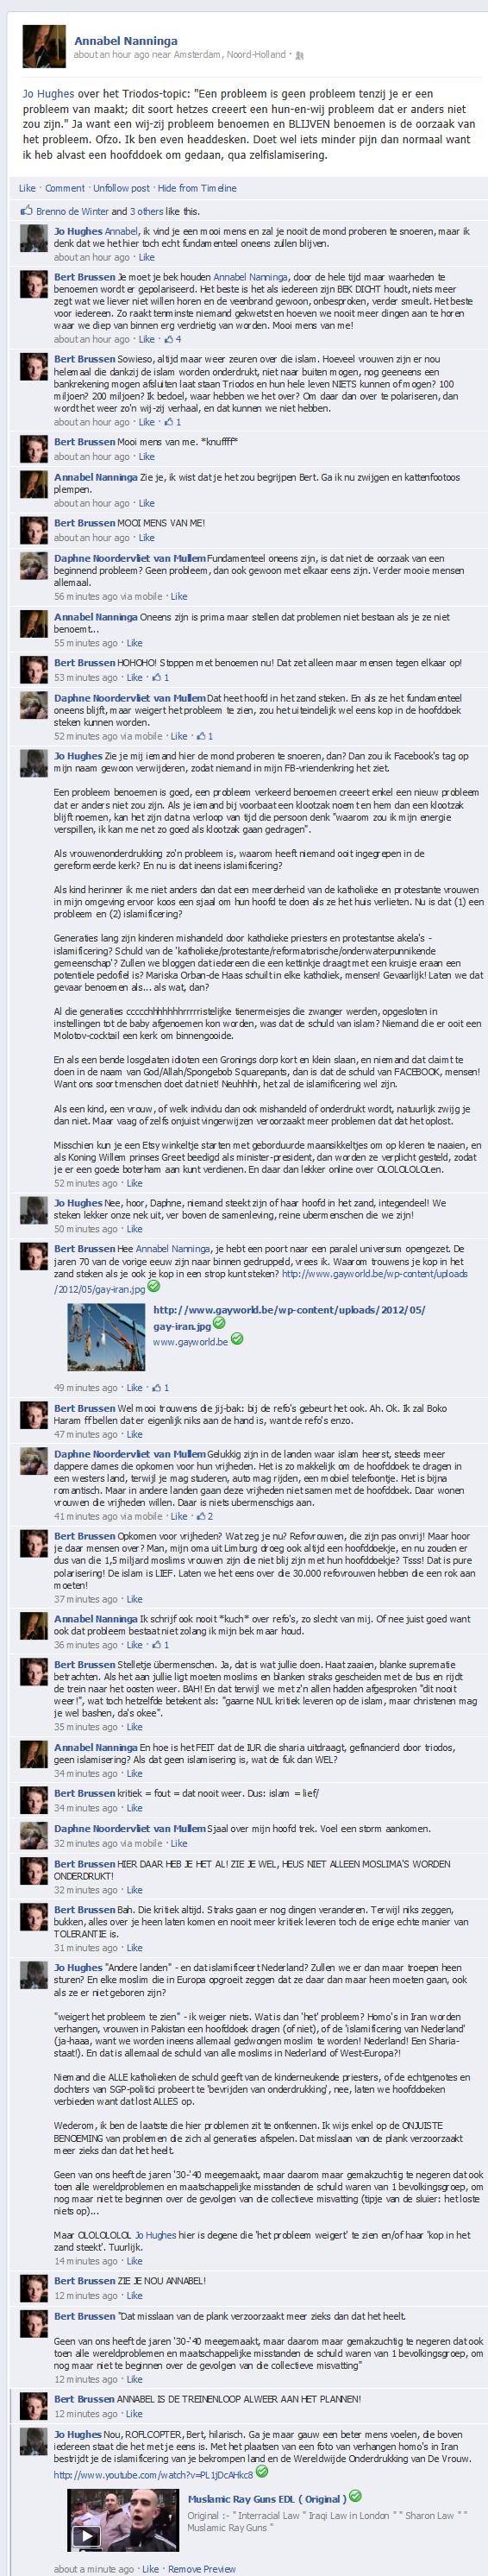 [NL] Je wilde me taggen op Facebook om me 'te kijk' te zetten? Prima, deel ik 't even voor je verder, kunnen nog meer mensen het zien...